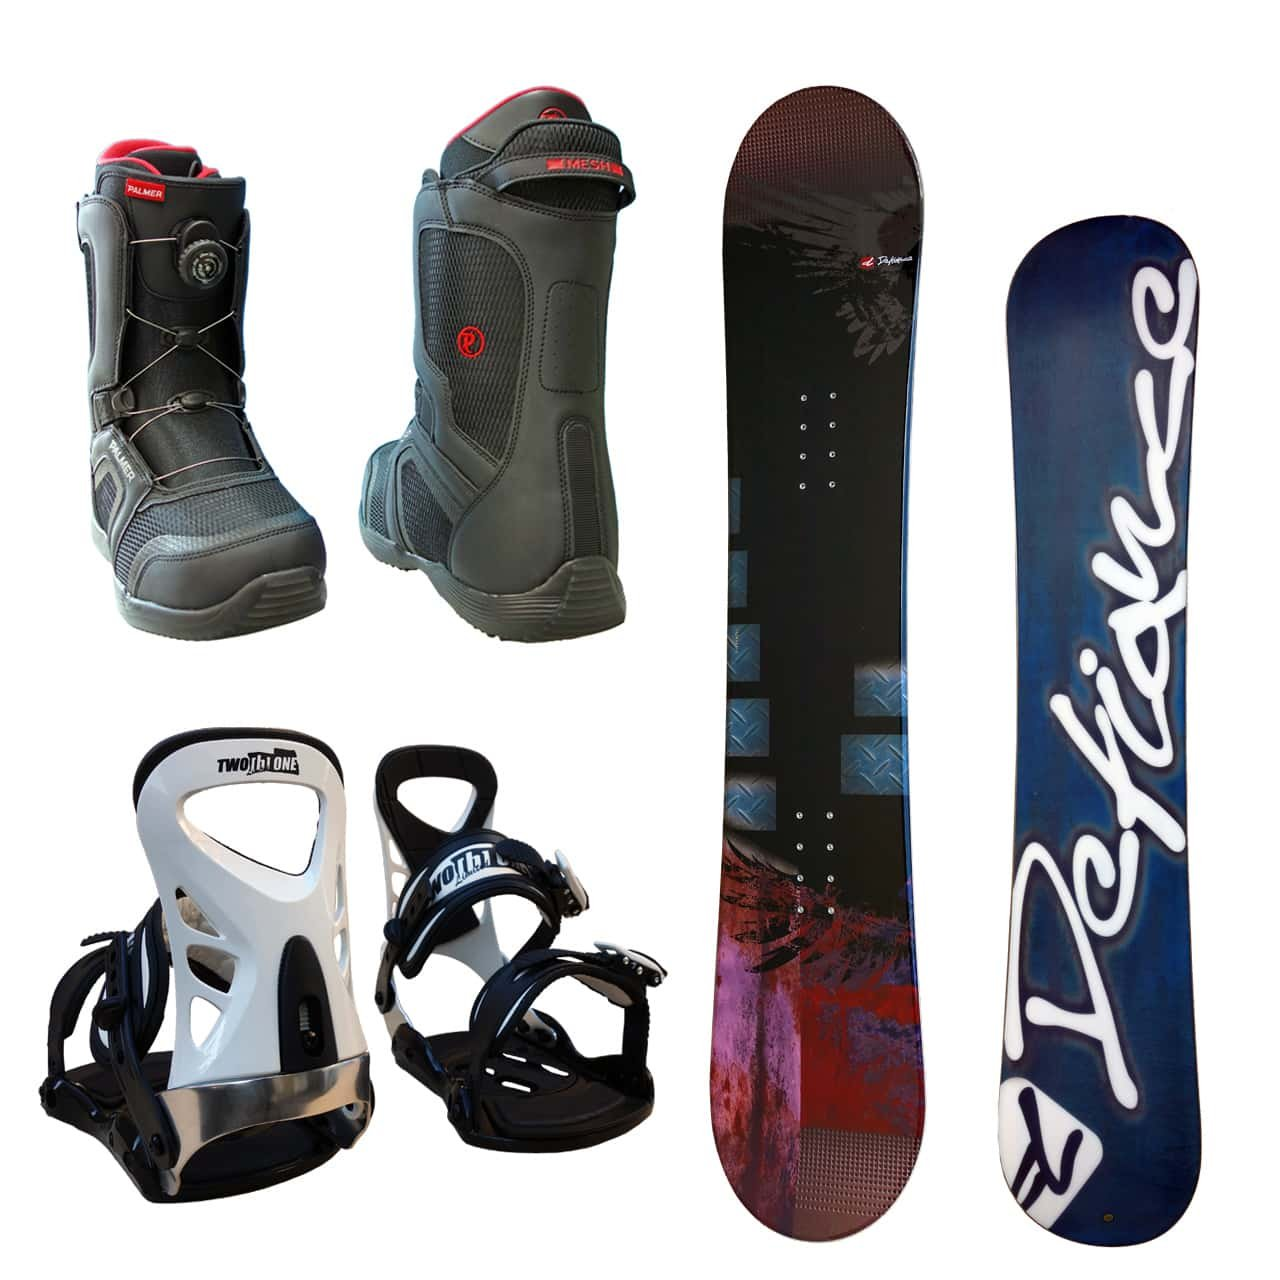 DEFIANCE メンズ スノーボード3点セット スノボー+バインディング+ダイヤル式レースブーツ B078ZYX615 ボード 152+ブーツ 26.5|ボード ワイン+binding ツートン+bootsブラック ボード ワイン+binding ツートン+bootsブラック ボード 152+ブーツ 26.5